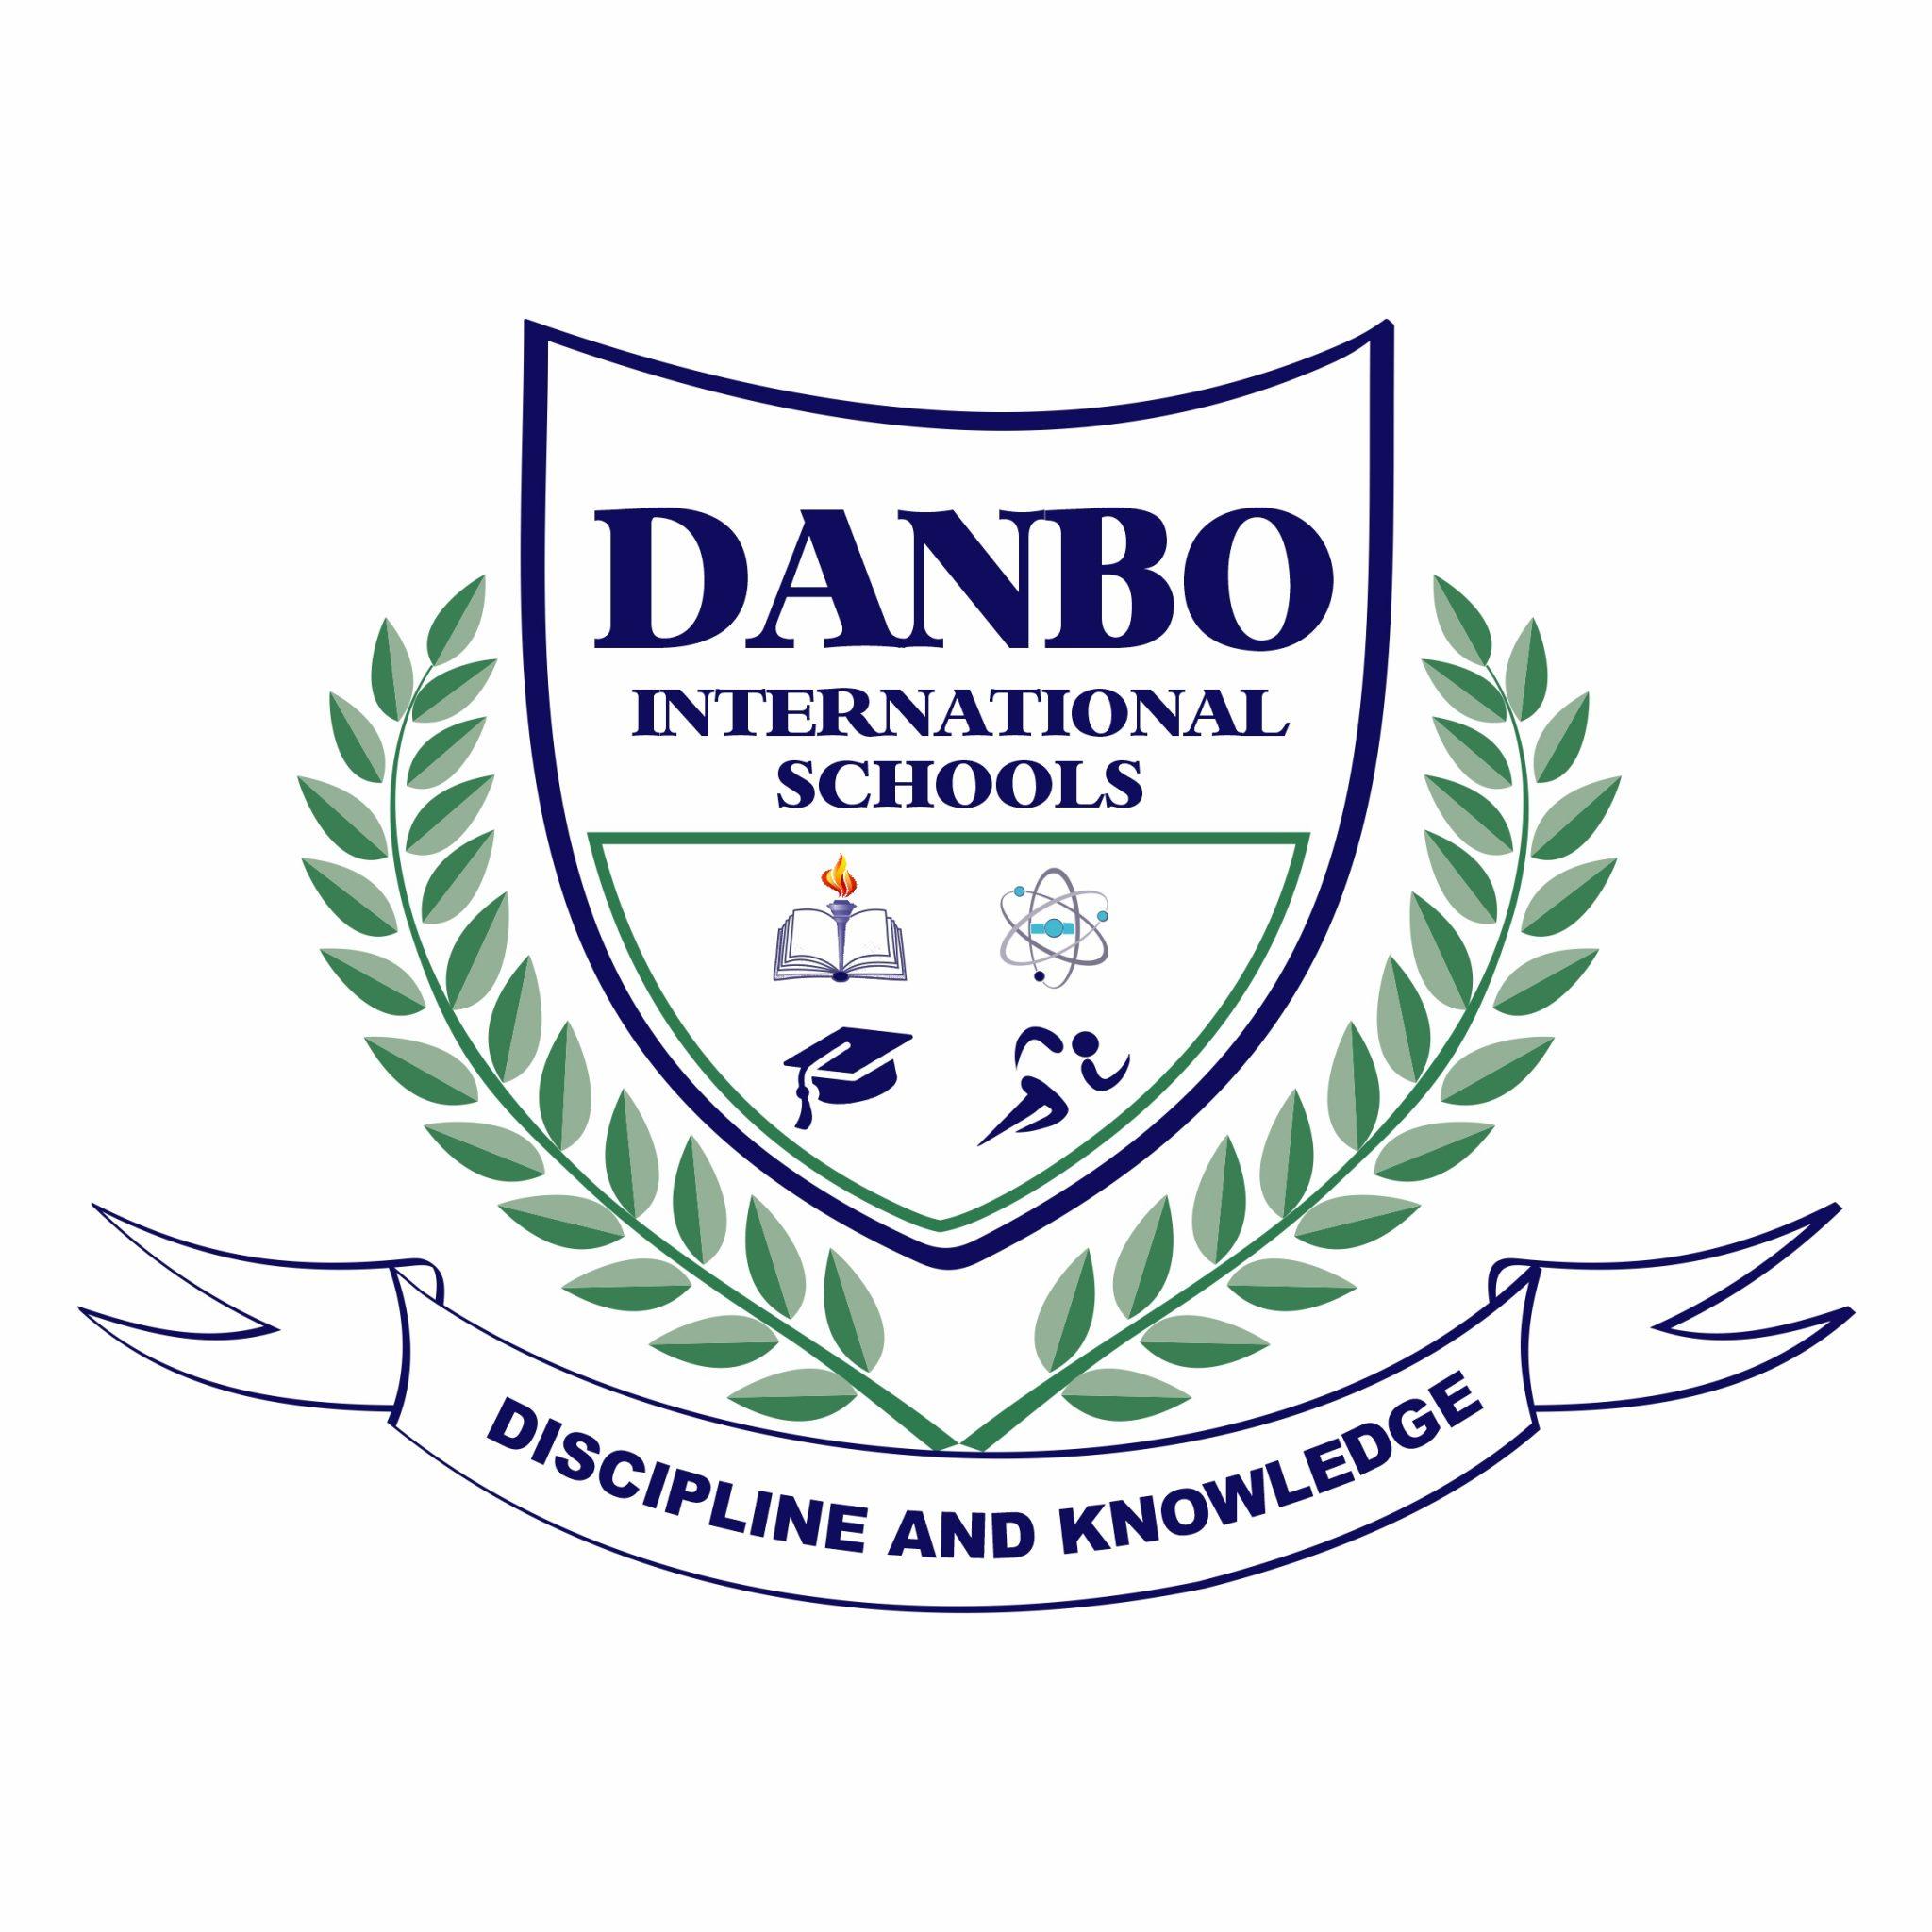 danbo_school_logo